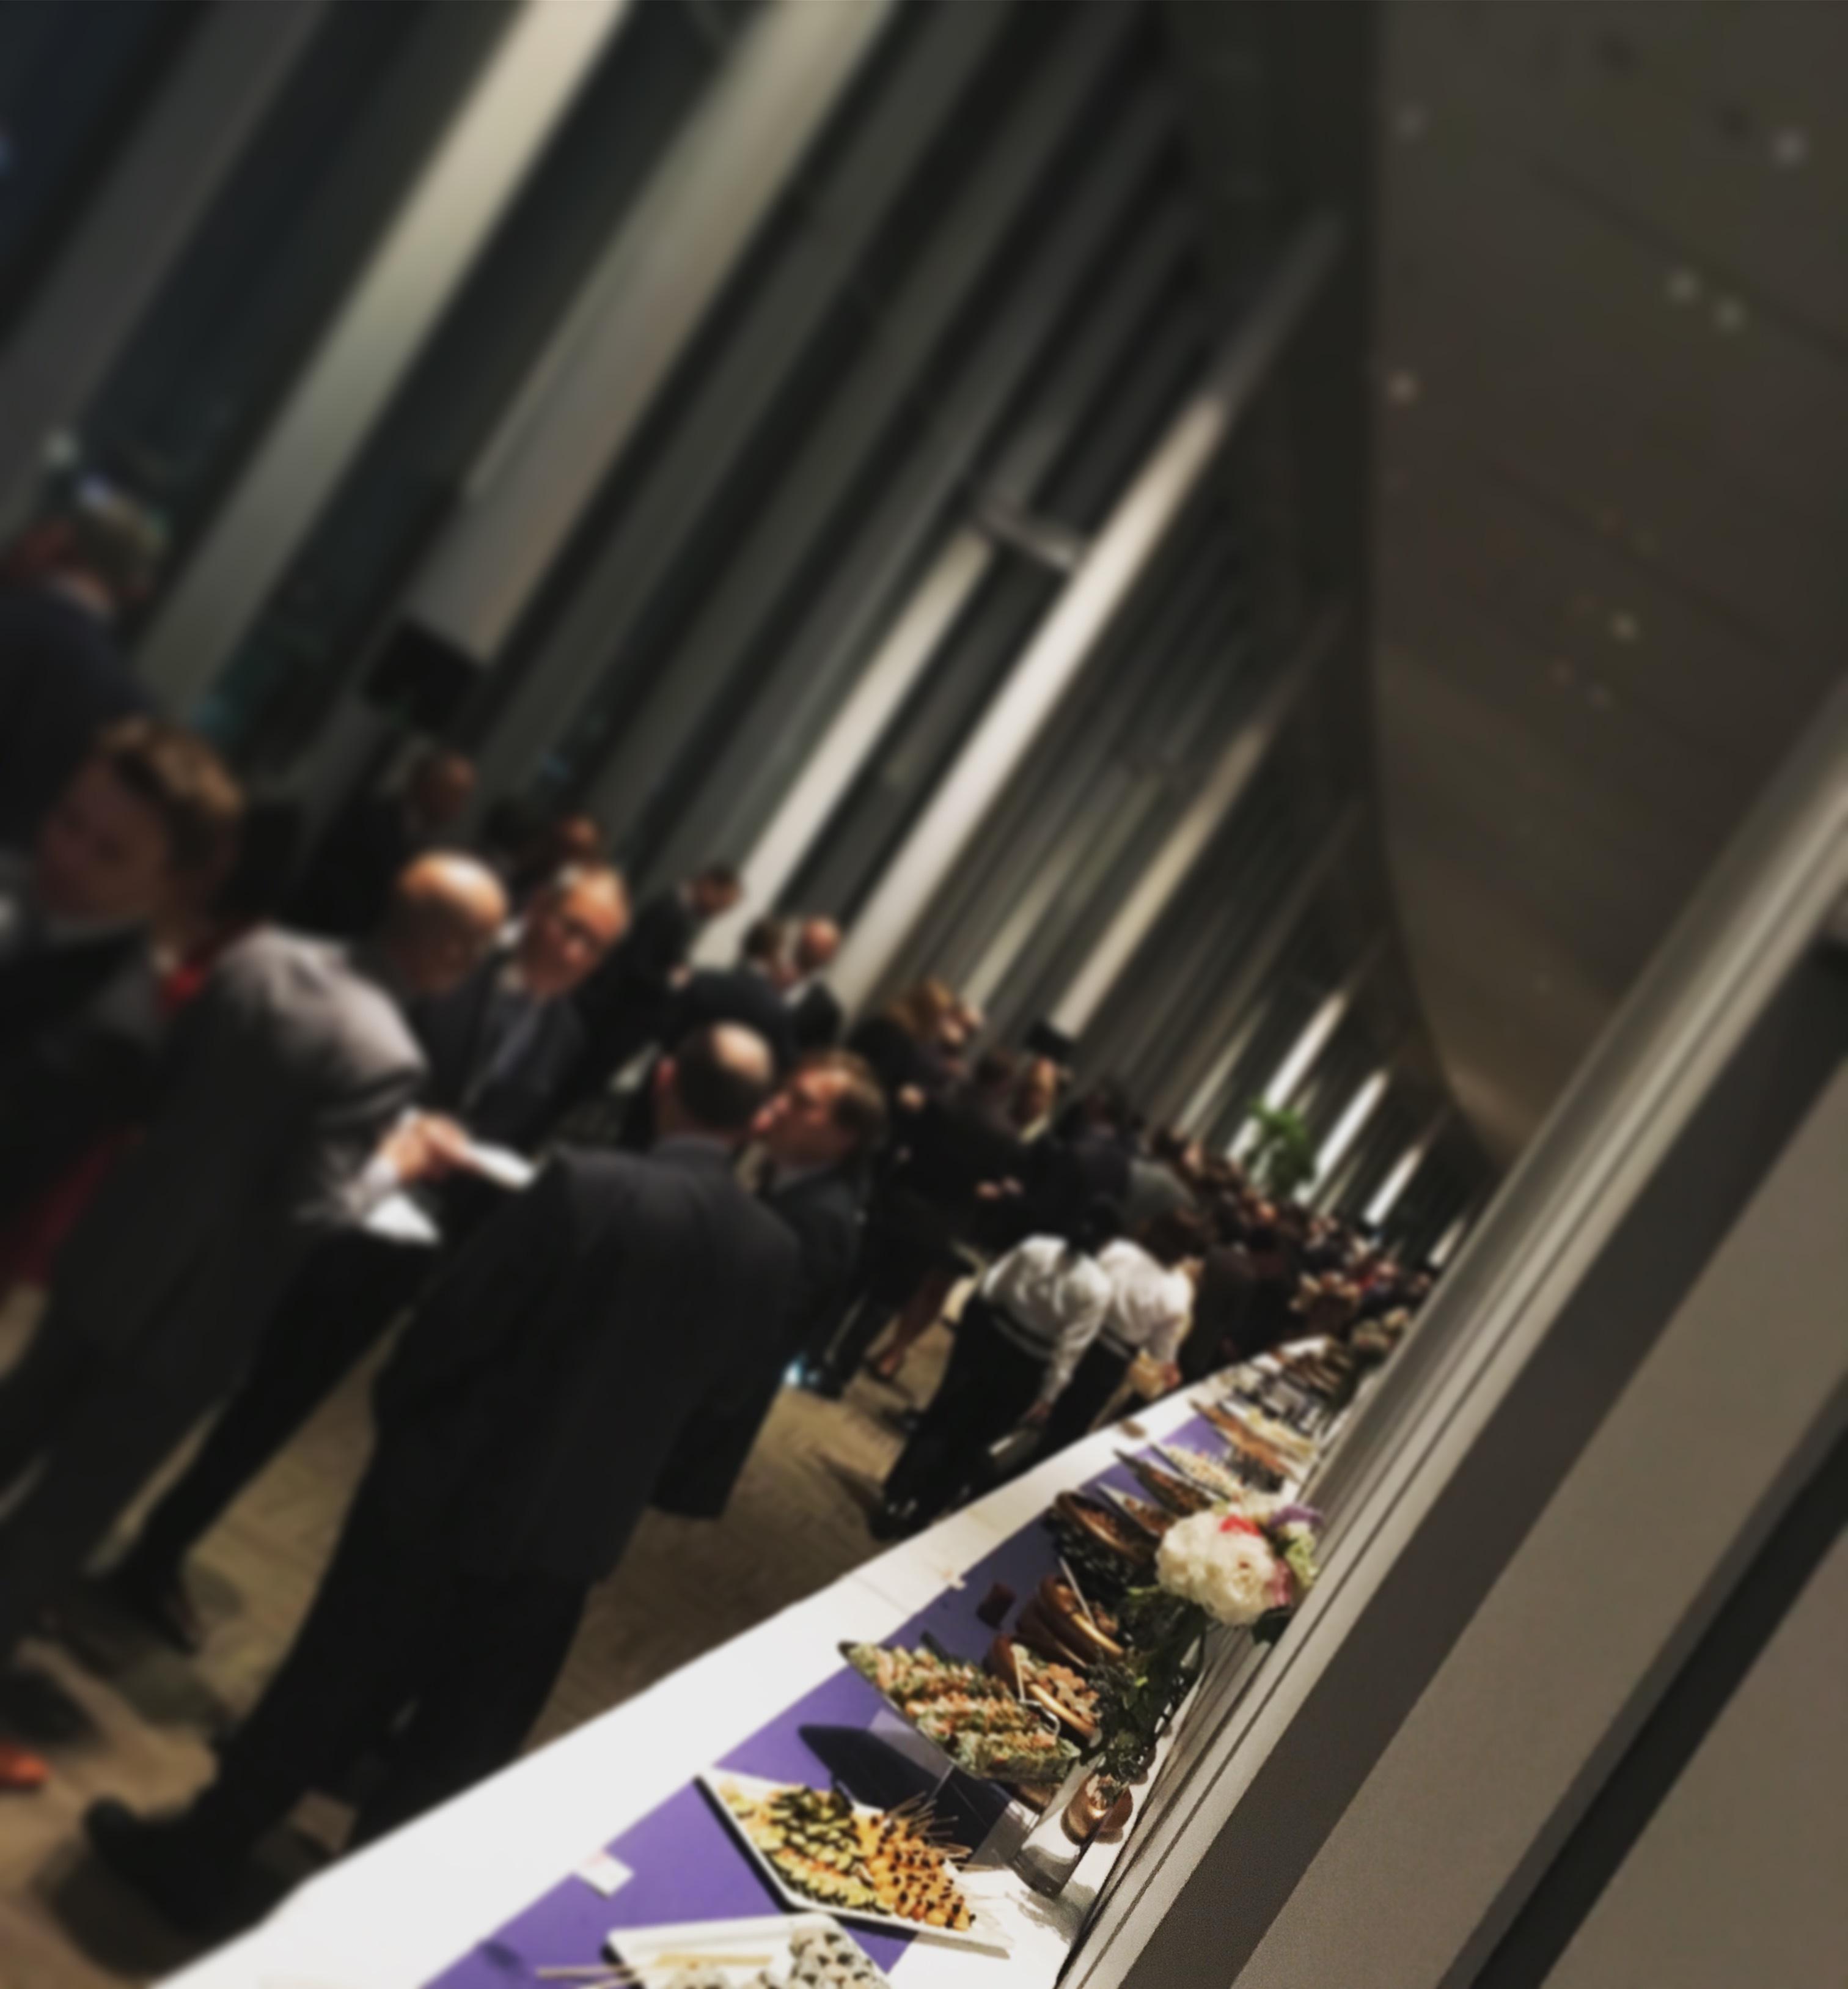 日本科学未来館 国際会議パーティー ケータリング